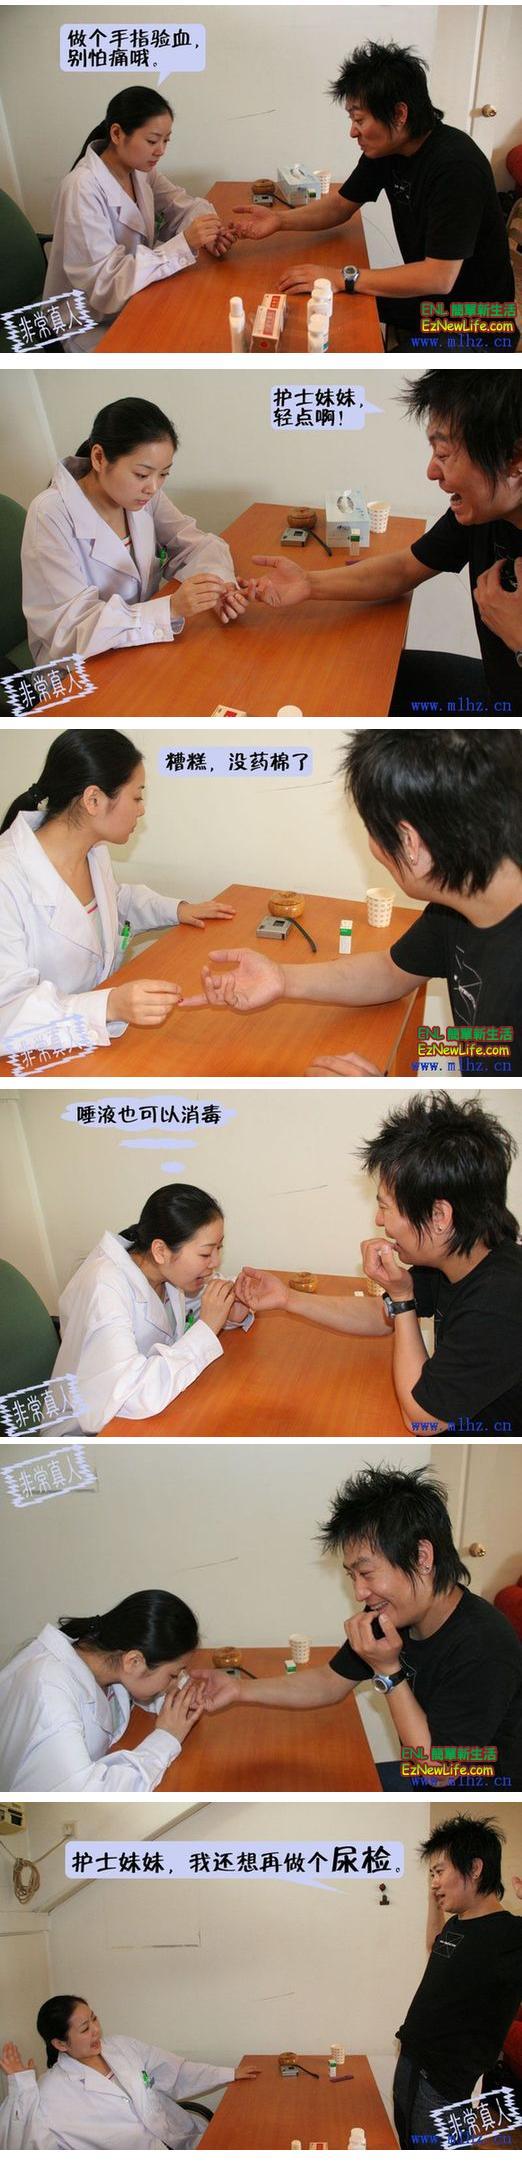 這麼認真的護士小姐,不多做幾樣檢查,對不起她啊!!-0